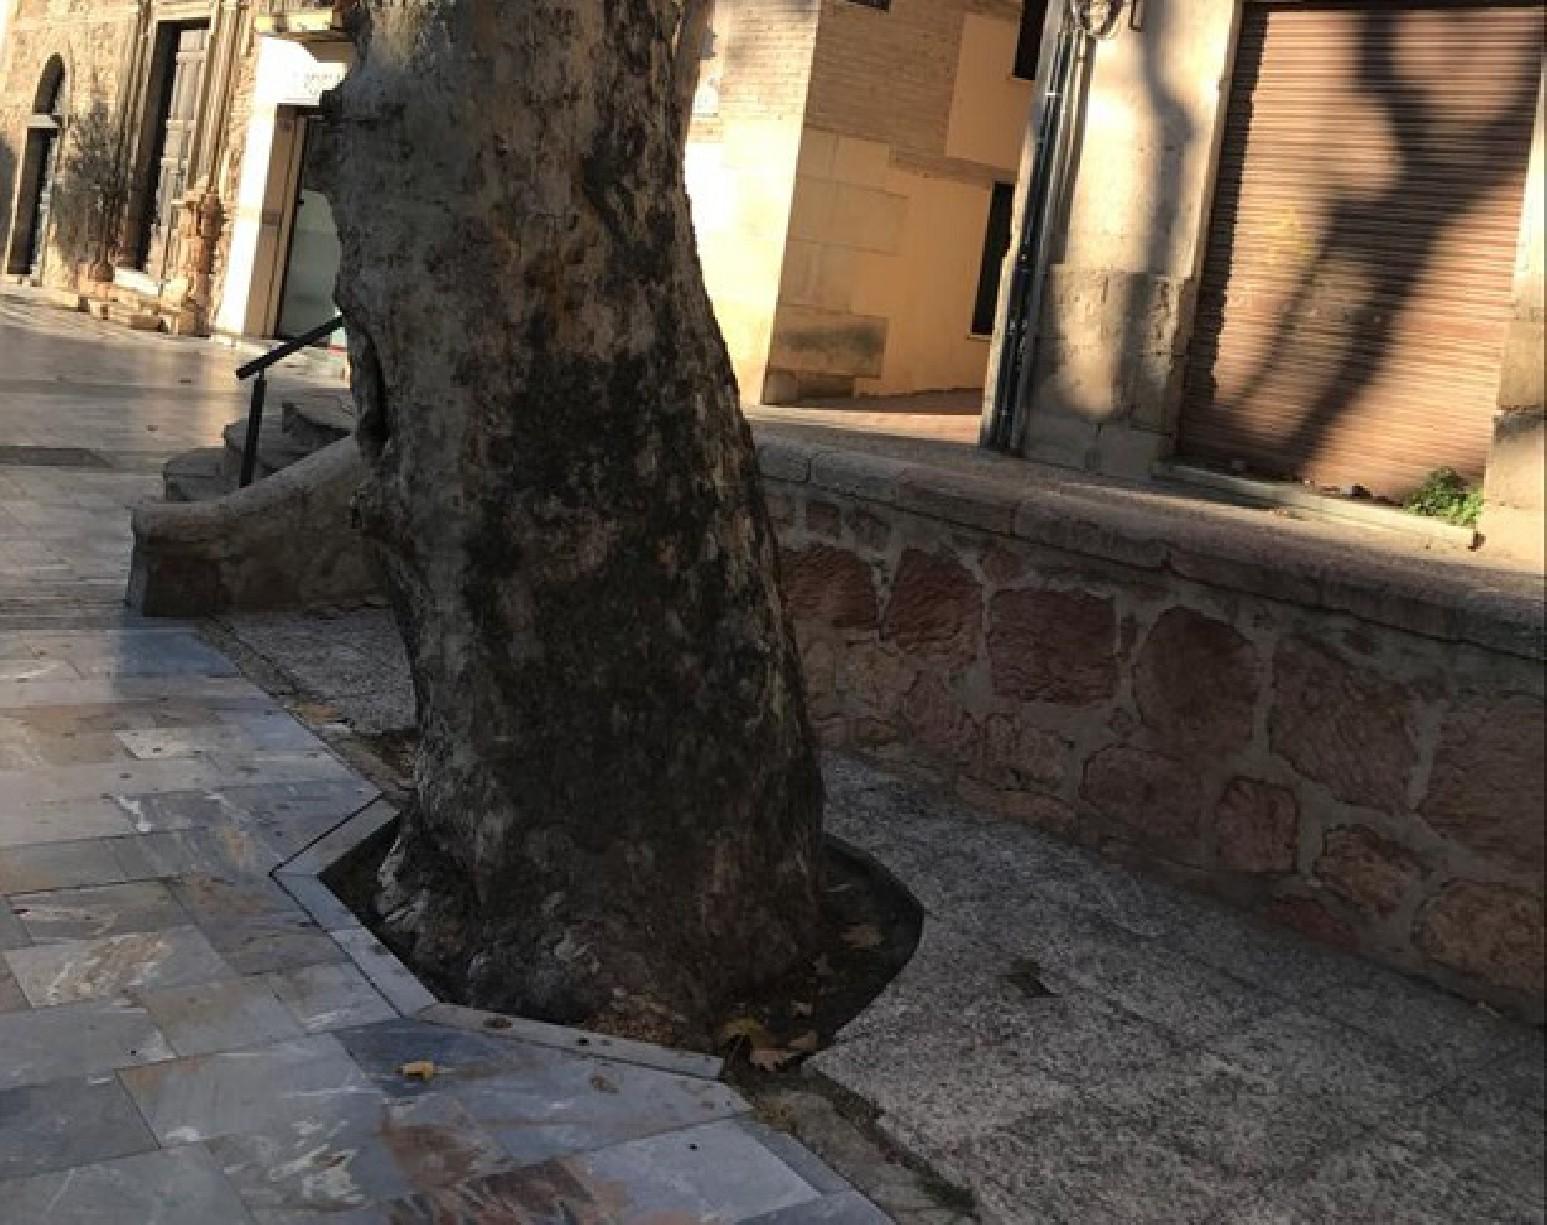 El Ayuntamiento sustituirá cuatro árboles que se encuentran en malas condiciones por nuevos ejemplares